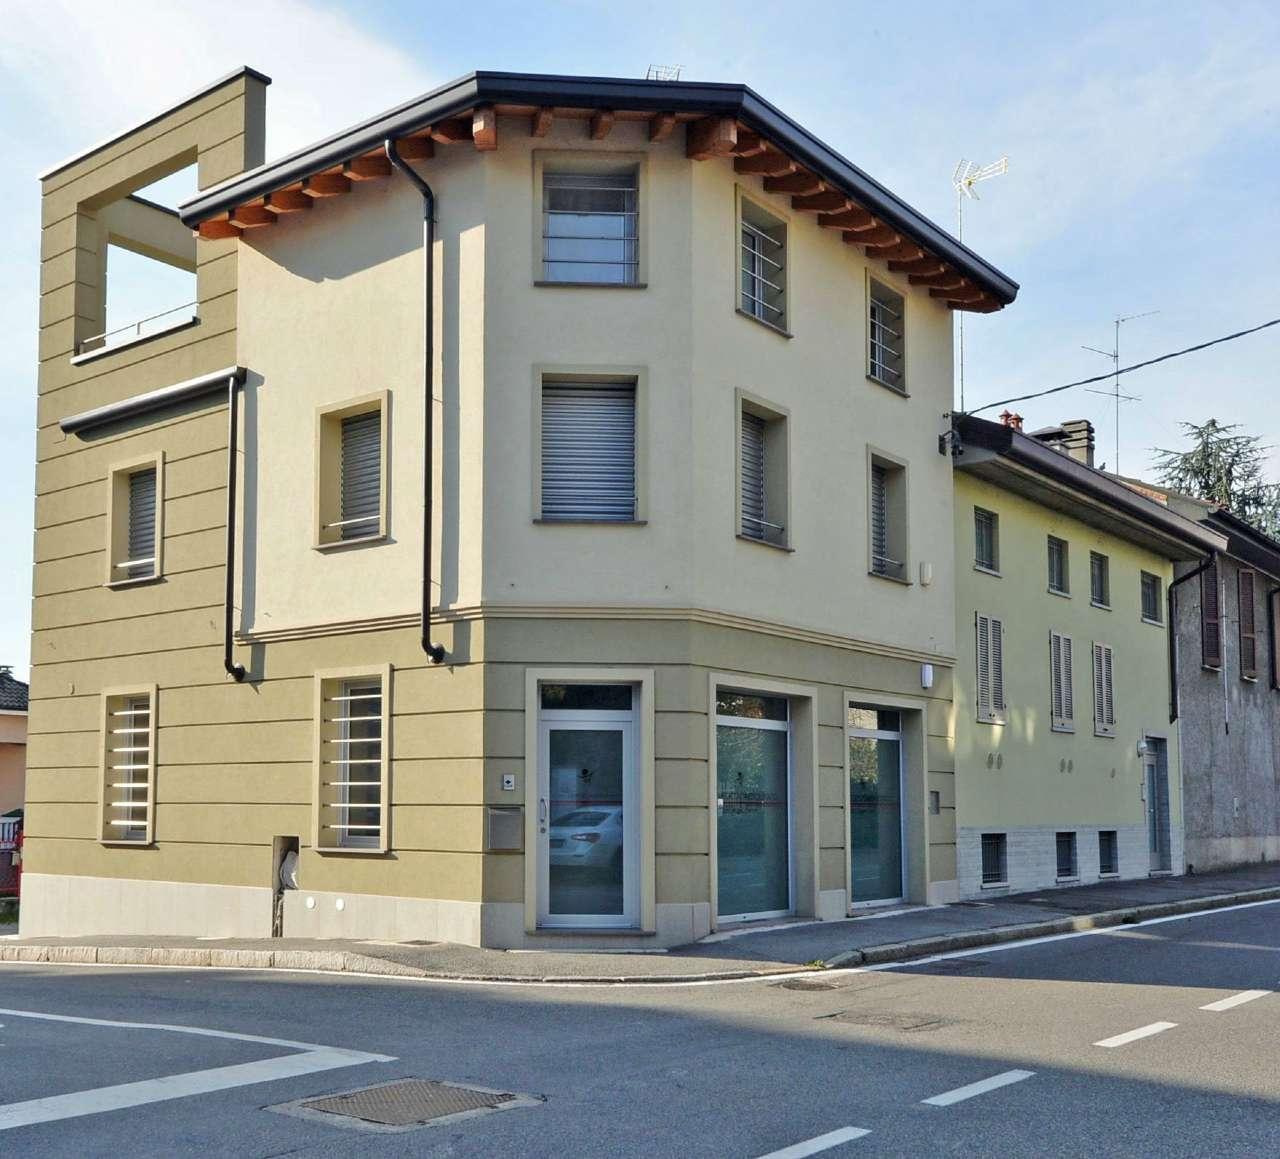 Ufficio / Studio in vendita a Mariano Comense, 3 locali, prezzo € 140.000 | CambioCasa.it